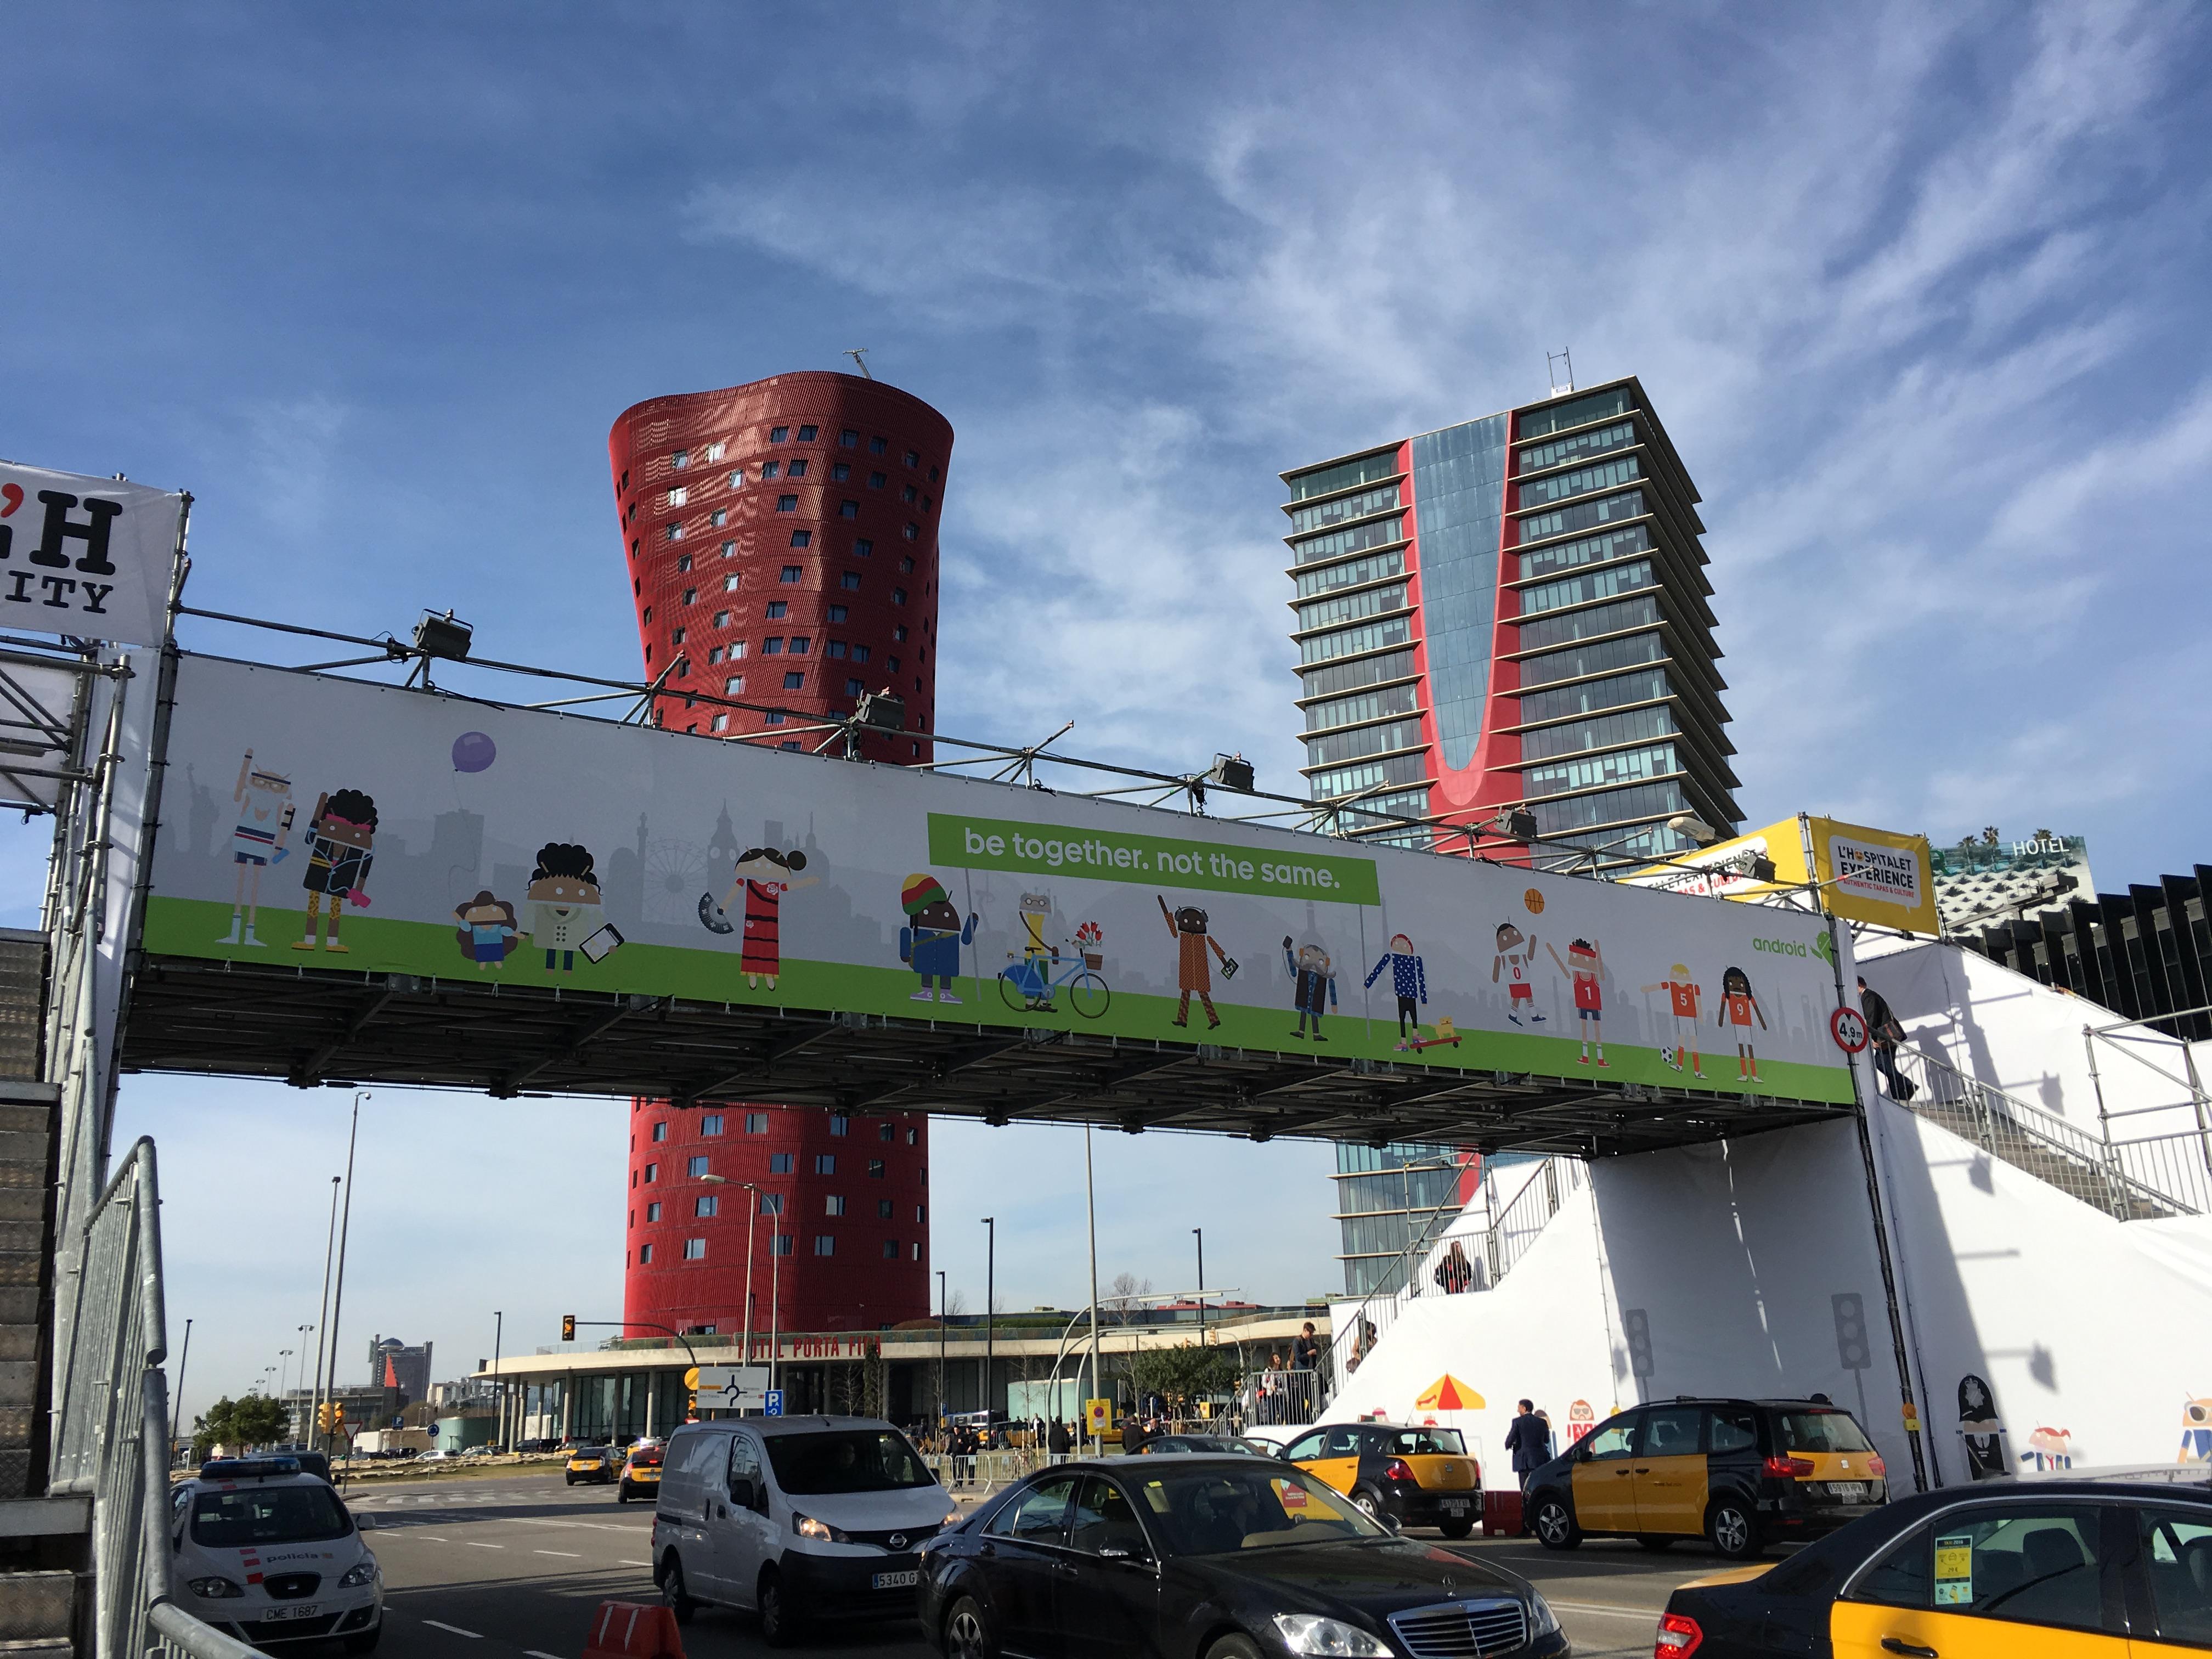 最寄り駅から会場までにある陸橋にも広告を掲載。「be together, not the same」は、日本では「みんなちがうから、世界はたのしい」と訳された